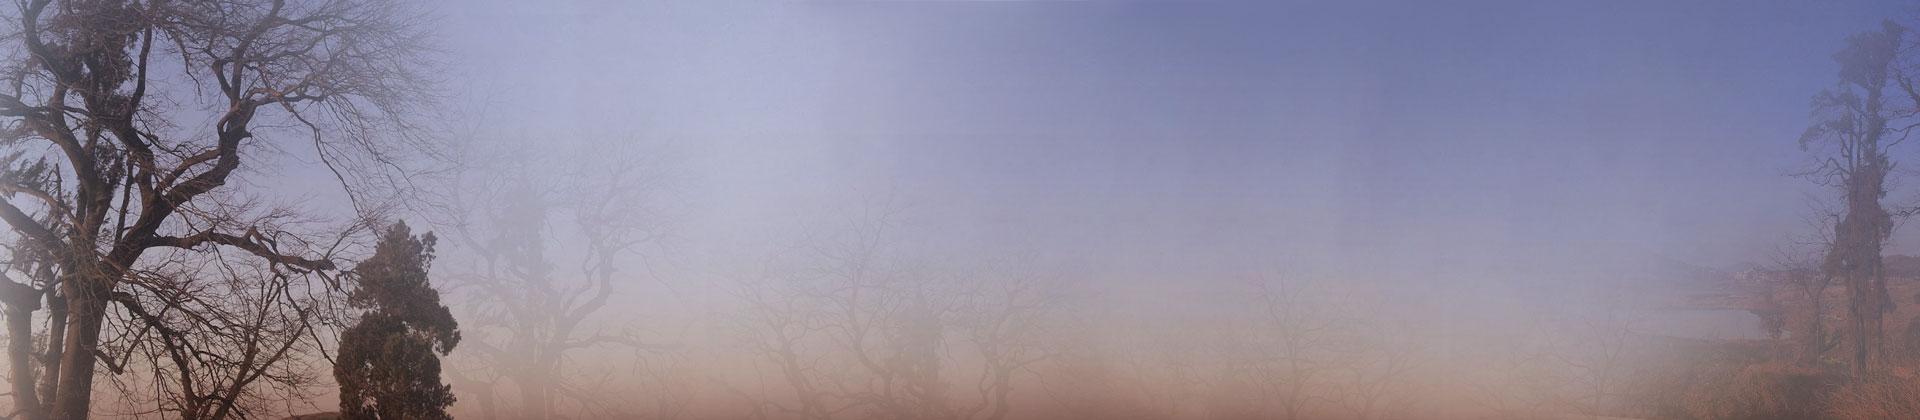 灰蒙蒙的天.jpg